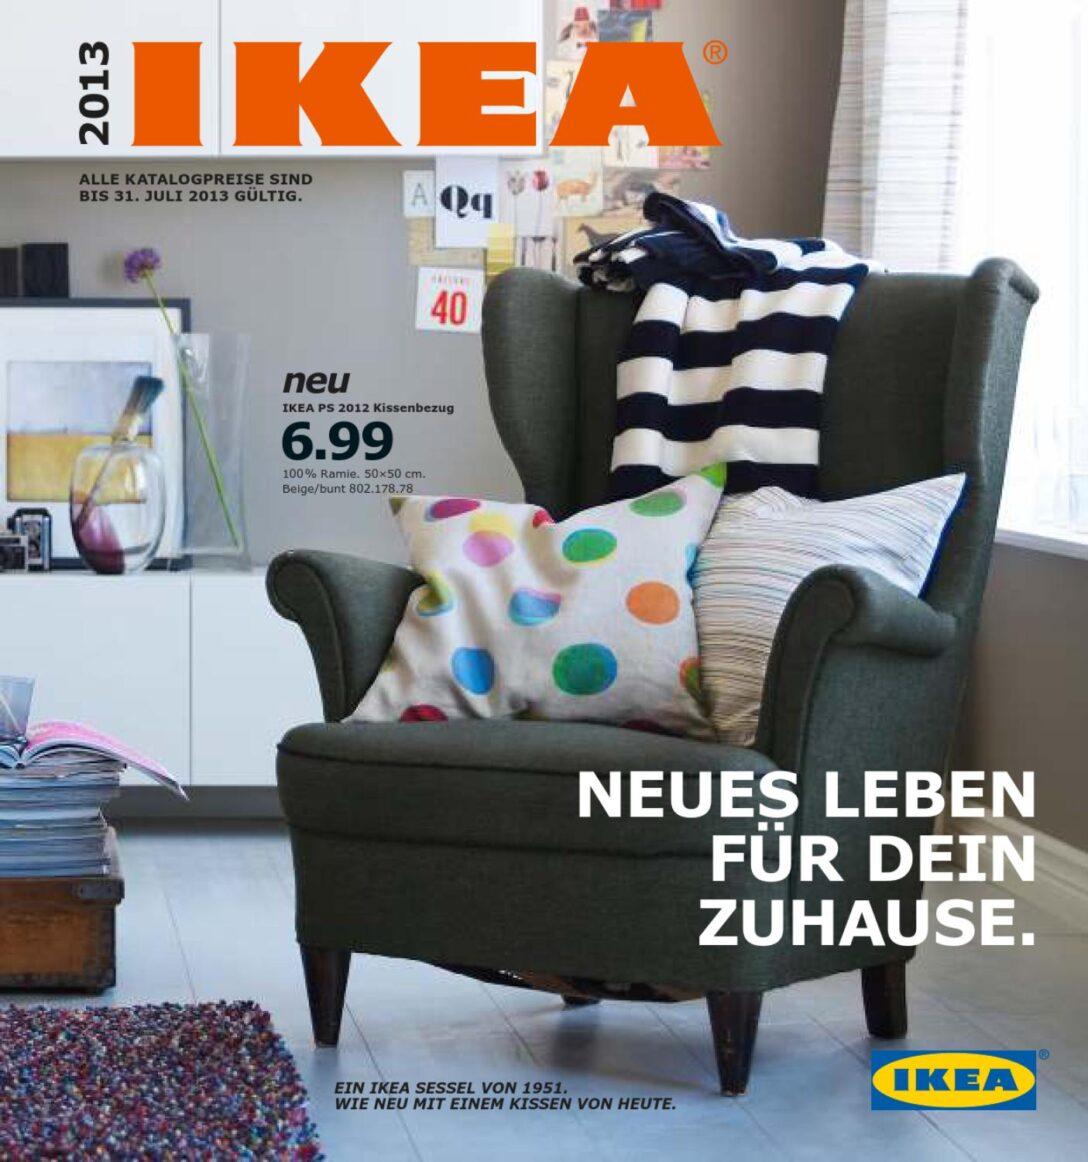 Large Size of Ikea Värde Miniküche Deutschland Katalog 2013 By Promoprospektede Betten 160x200 Küche Kaufen Sofa Mit Schlaffunktion Bei Stengel Kühlschrank Kosten Wohnzimmer Ikea Värde Miniküche